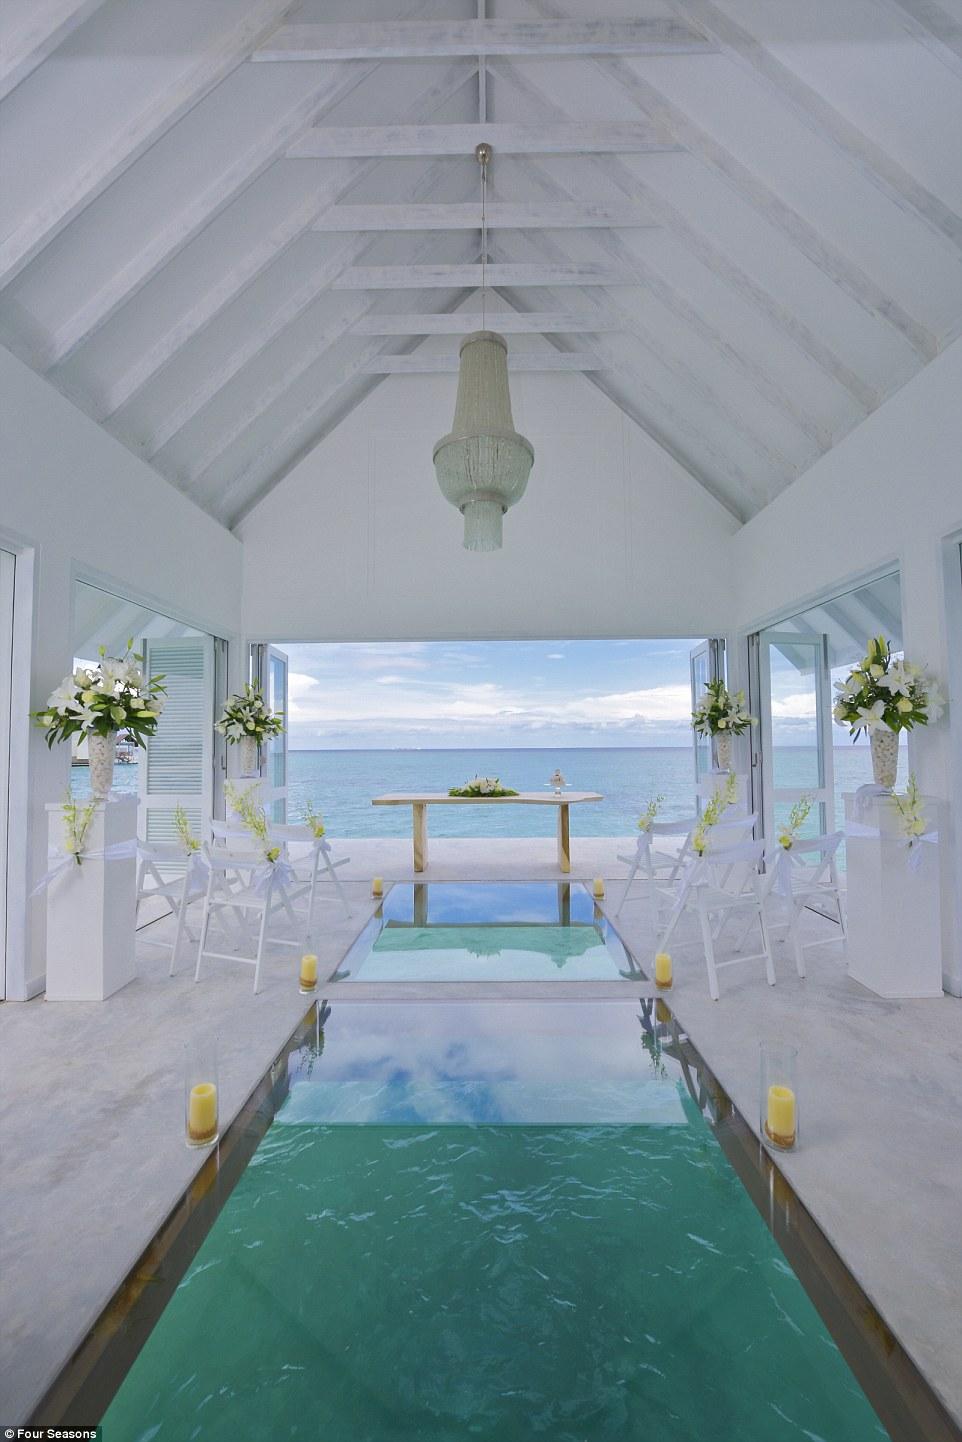 Як виглядає неймовірний павільйон для весіль на Мальдівах із прозорою підлогою  - фото 4